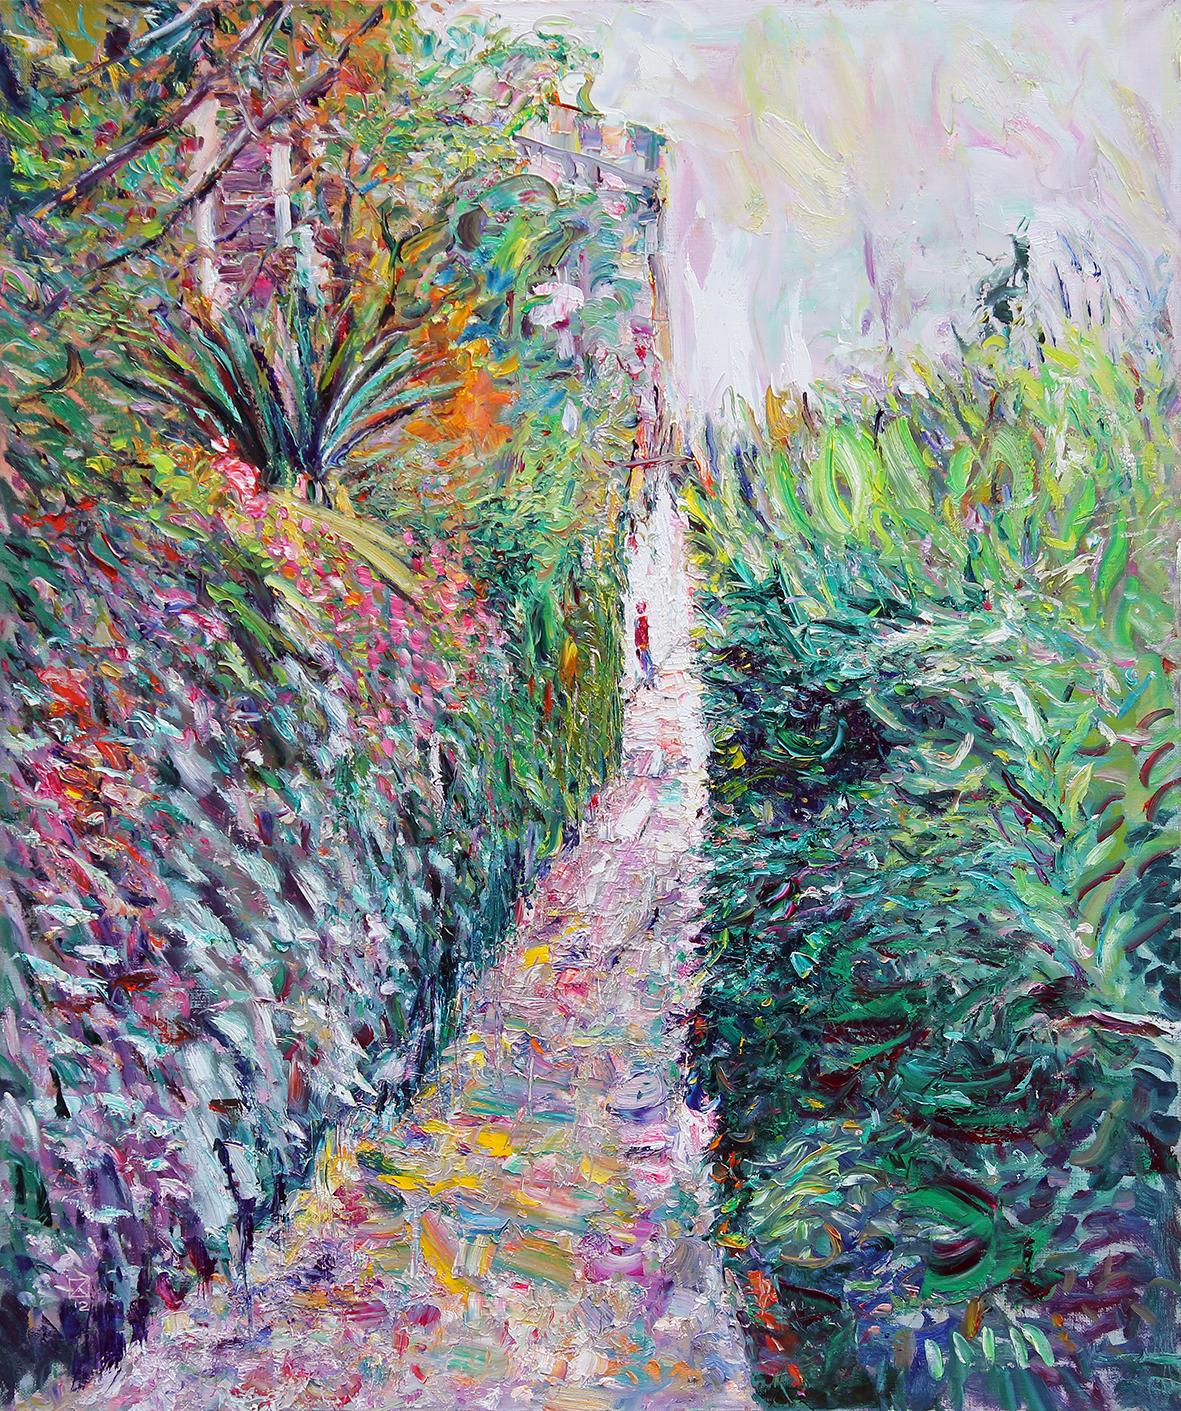 Enjoyment. 2012. Oil on canvas. 100 х 120